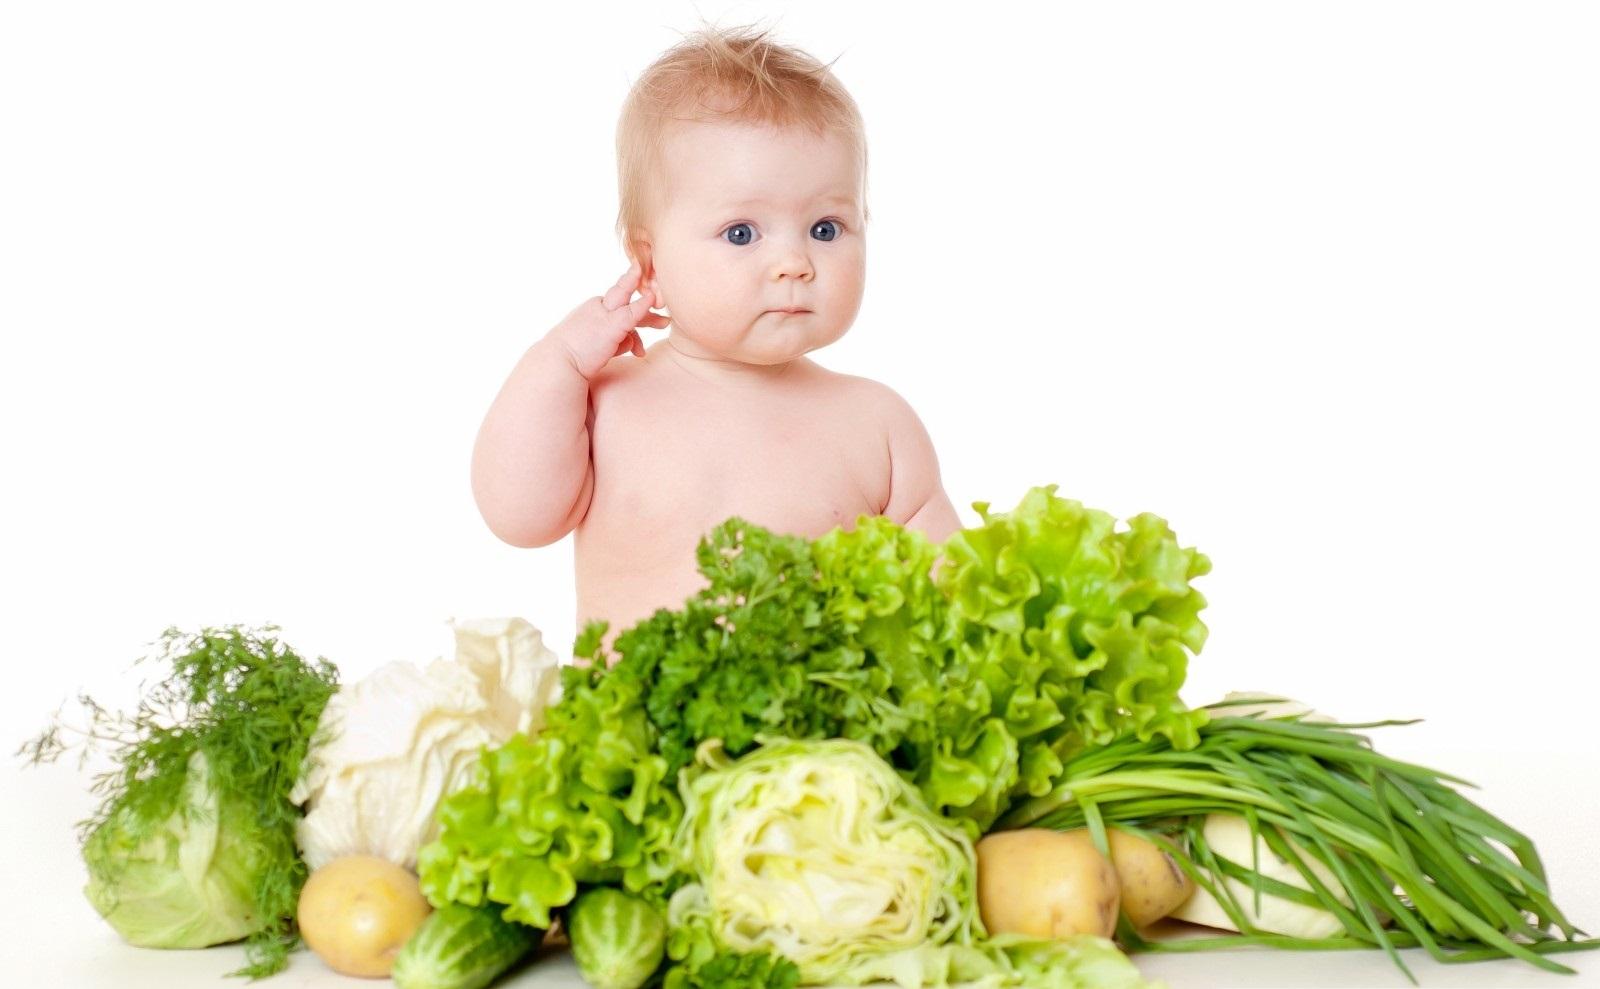 Trời rét đậm, rét hại, ăn gì để không mắc đường hô hấp?5